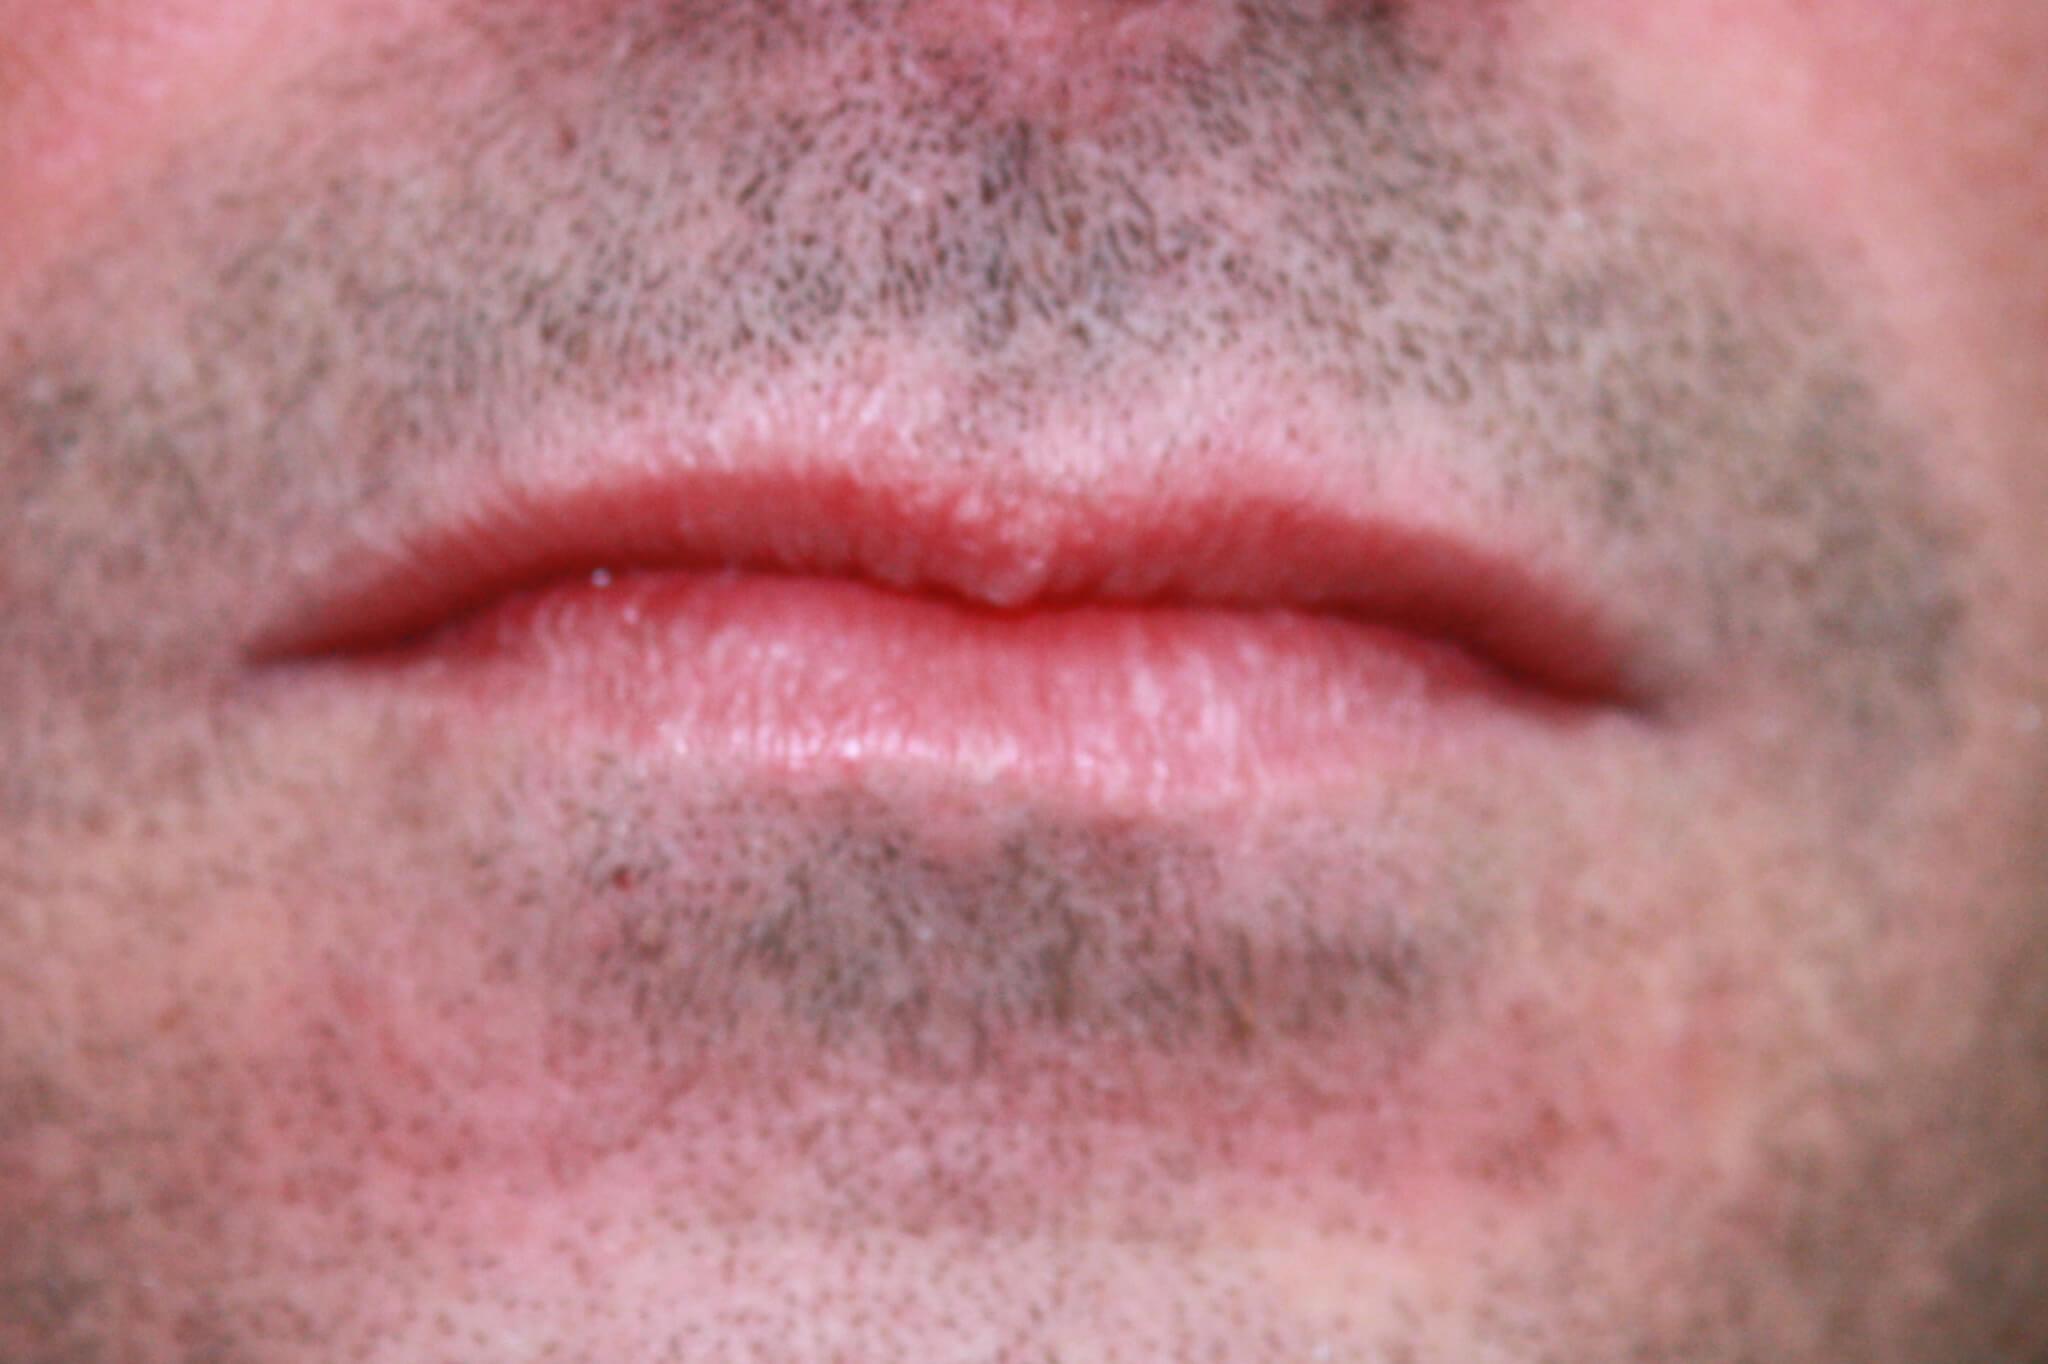 antes-de-aumento-de-labios